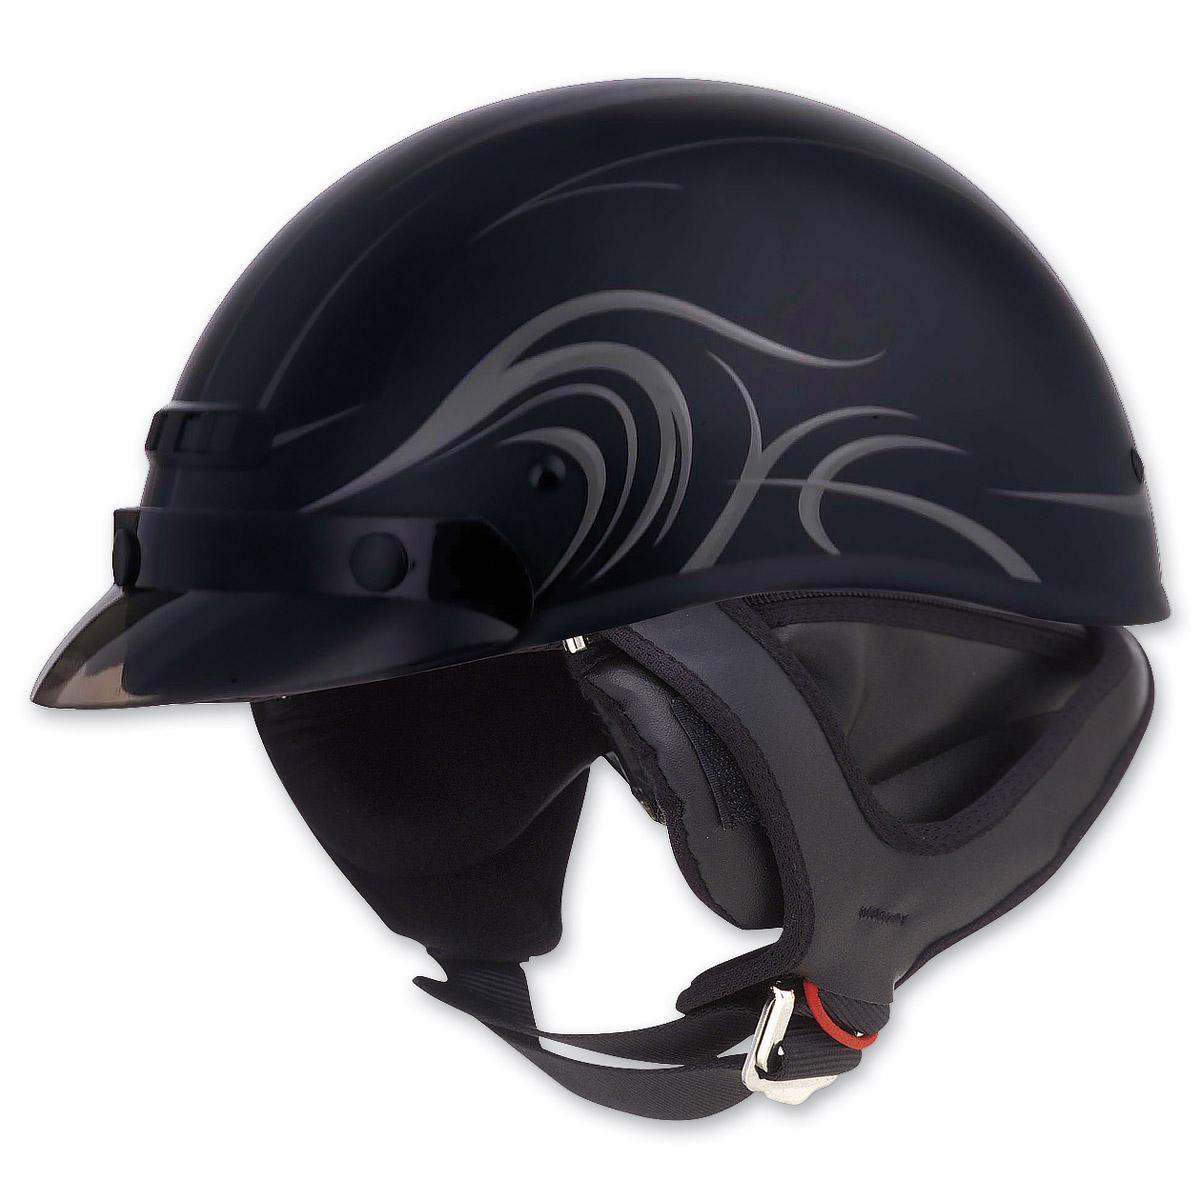 GMAX GM35 Fully Dressed Derk Flat Black Half Helmet